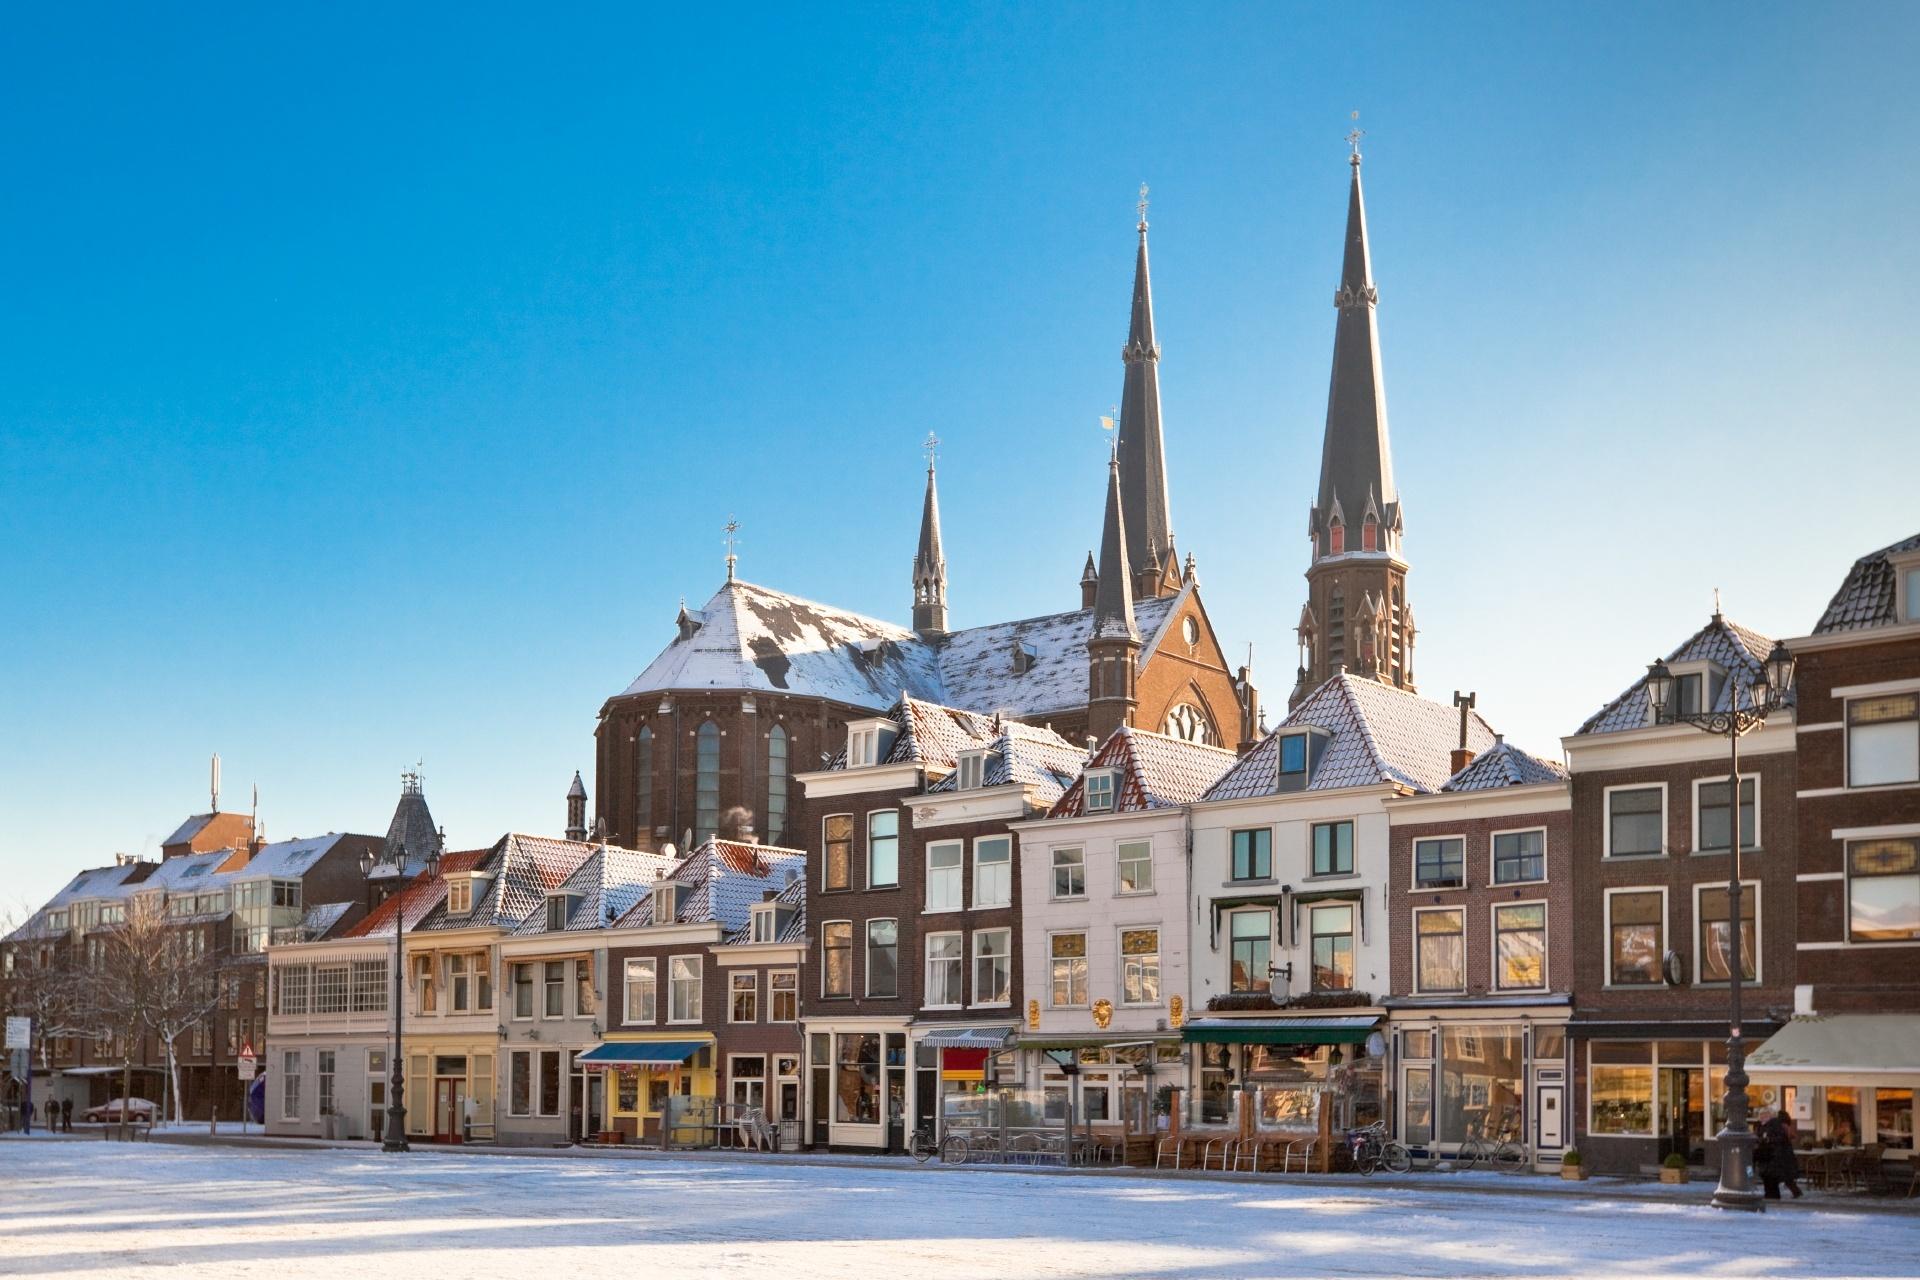 冬のデルフトの風景 オランダの風景